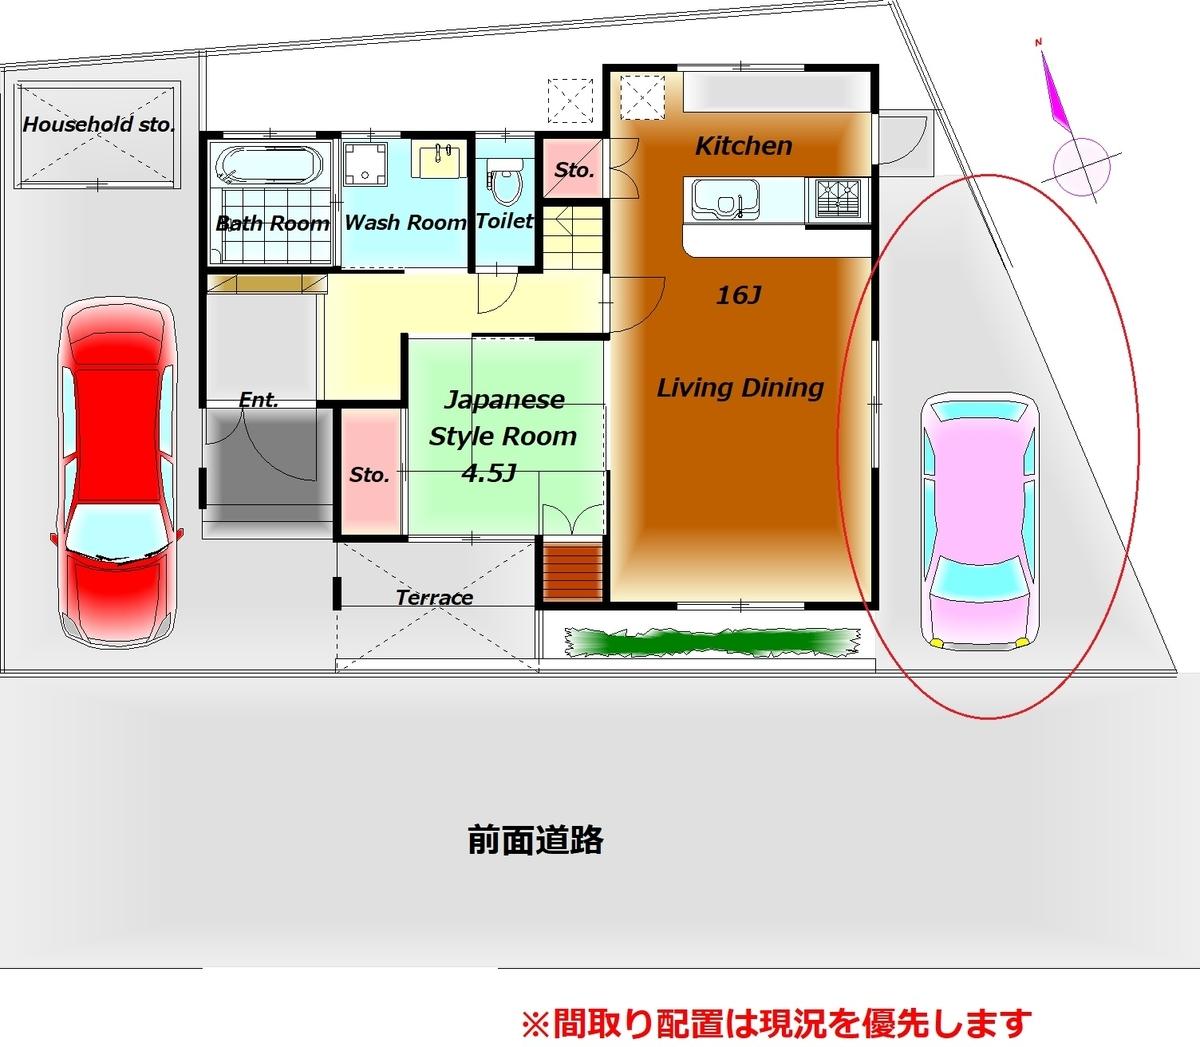 f:id:r-s-nishi-nihon-h:20210513101008j:plain